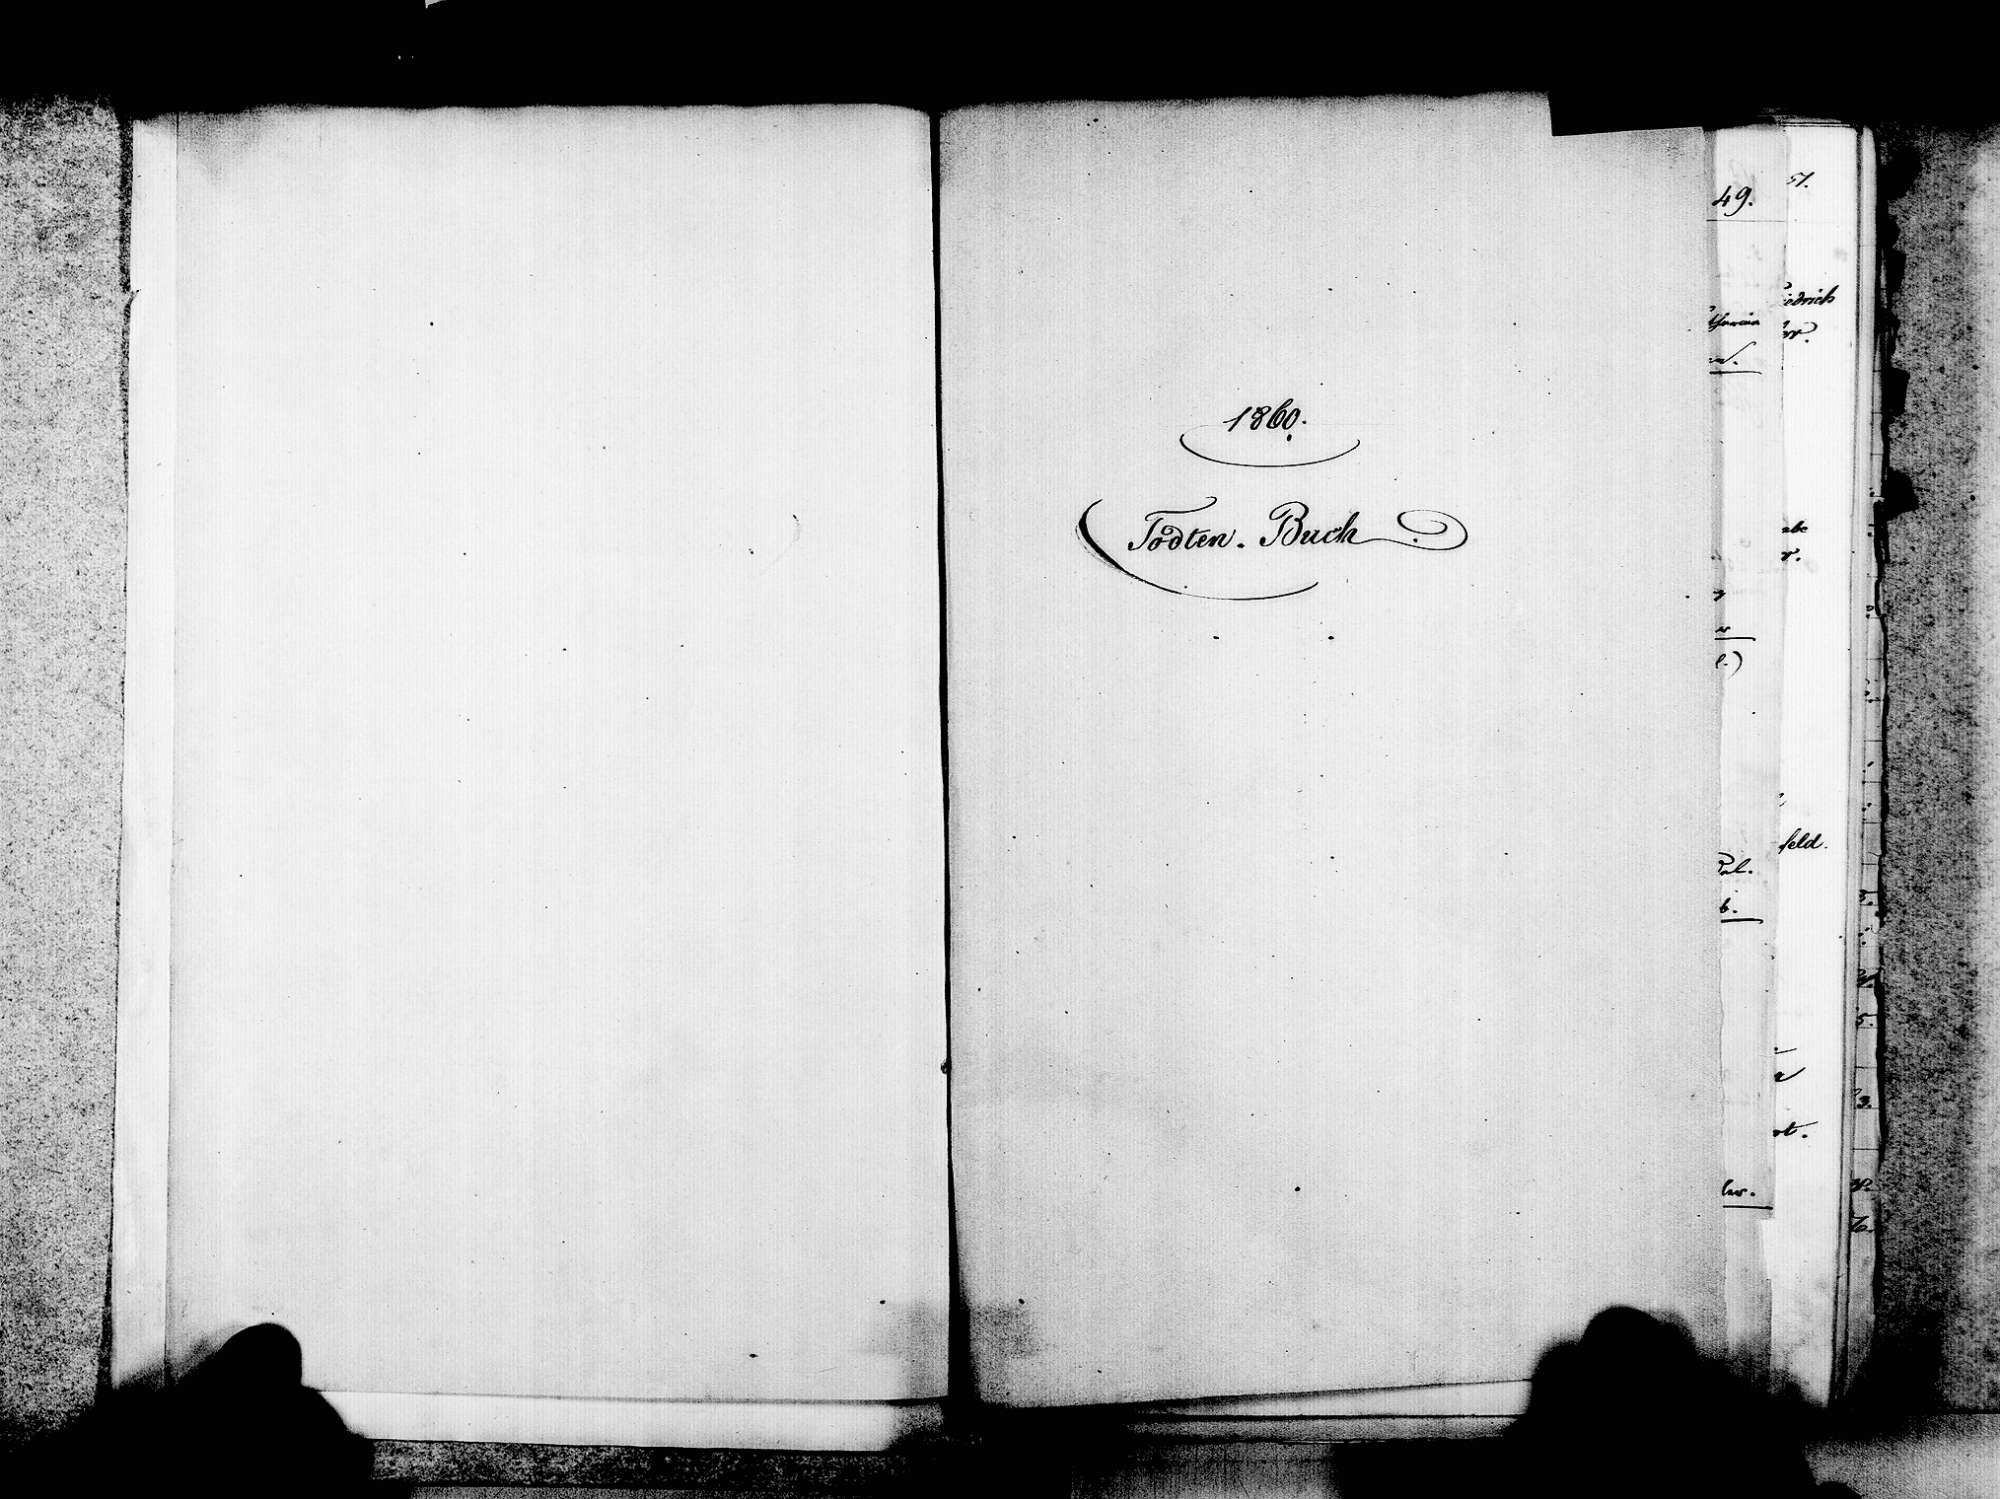 Lörrach LÖ; Evangelische Gemeinde: Sterbebuch 1860-1869 Lörrach LÖ, Katholische Gemeinde: Sterbebuch 1867-1869 Lörrach LÖ; Israelitische Gemeinde: Sterbebuch 1860-1869, Bild 3